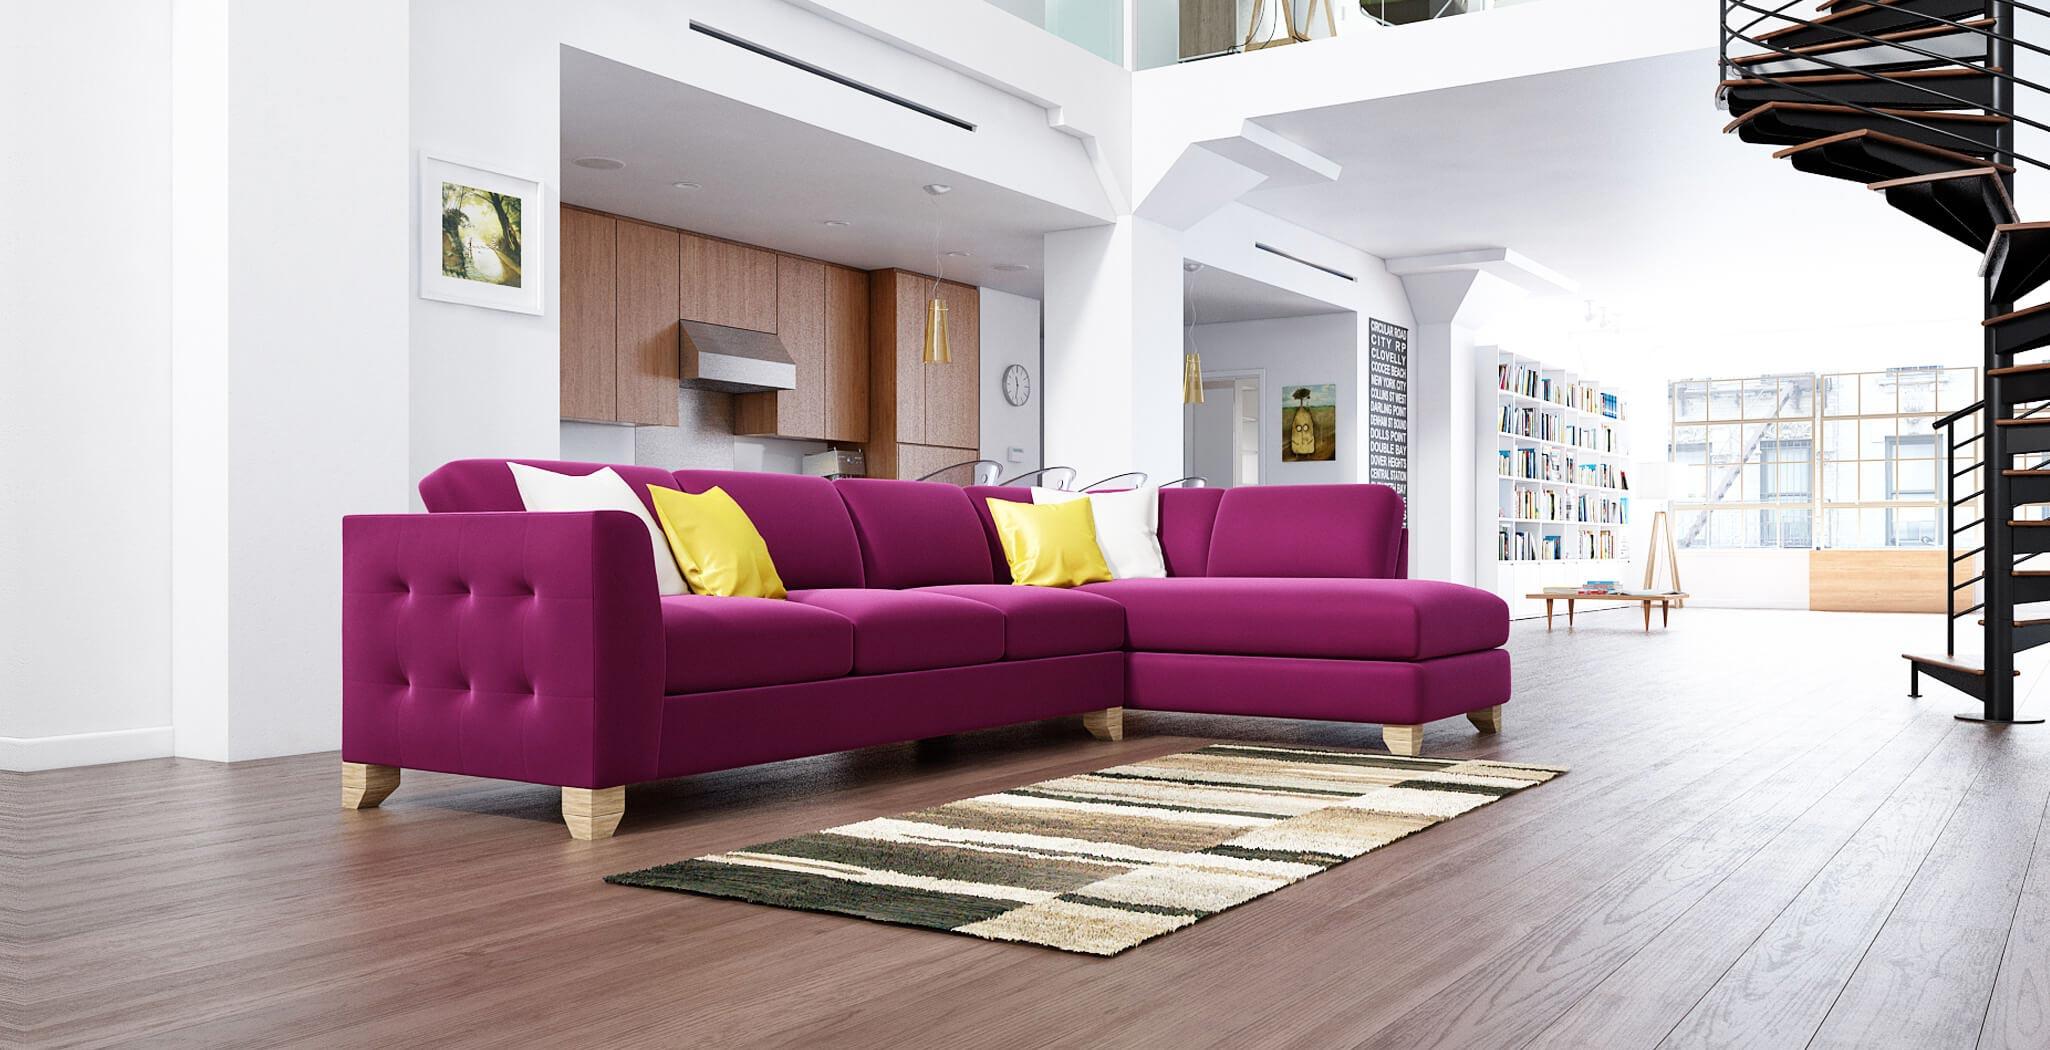 paris panel furniture gallery 3